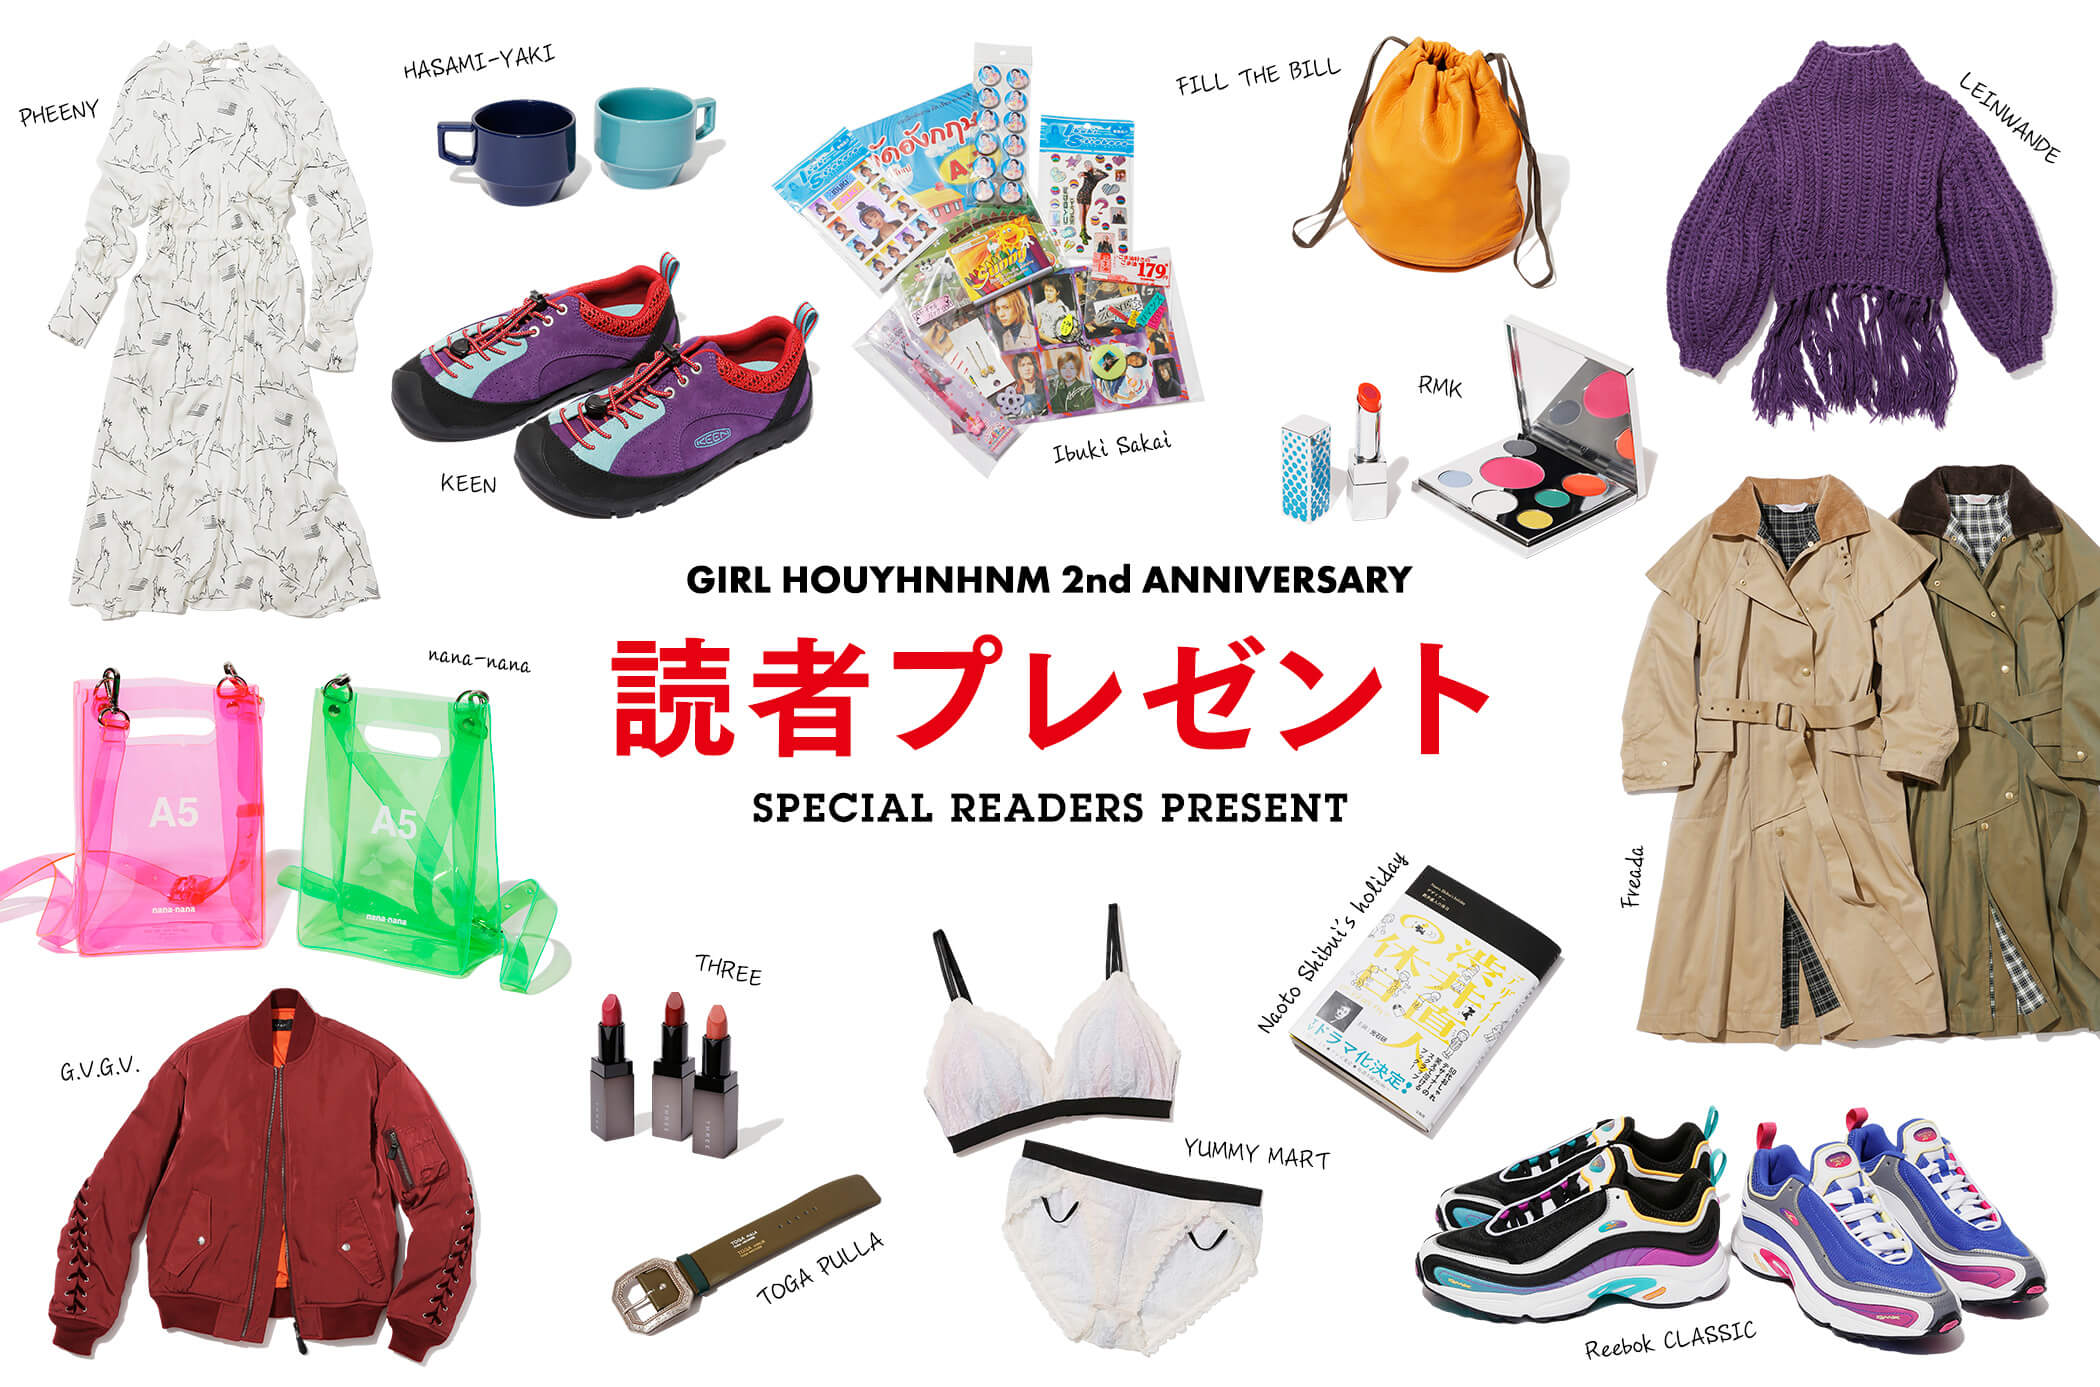 ガールフイナム2周年記念! 特大読者プレゼントを開催!